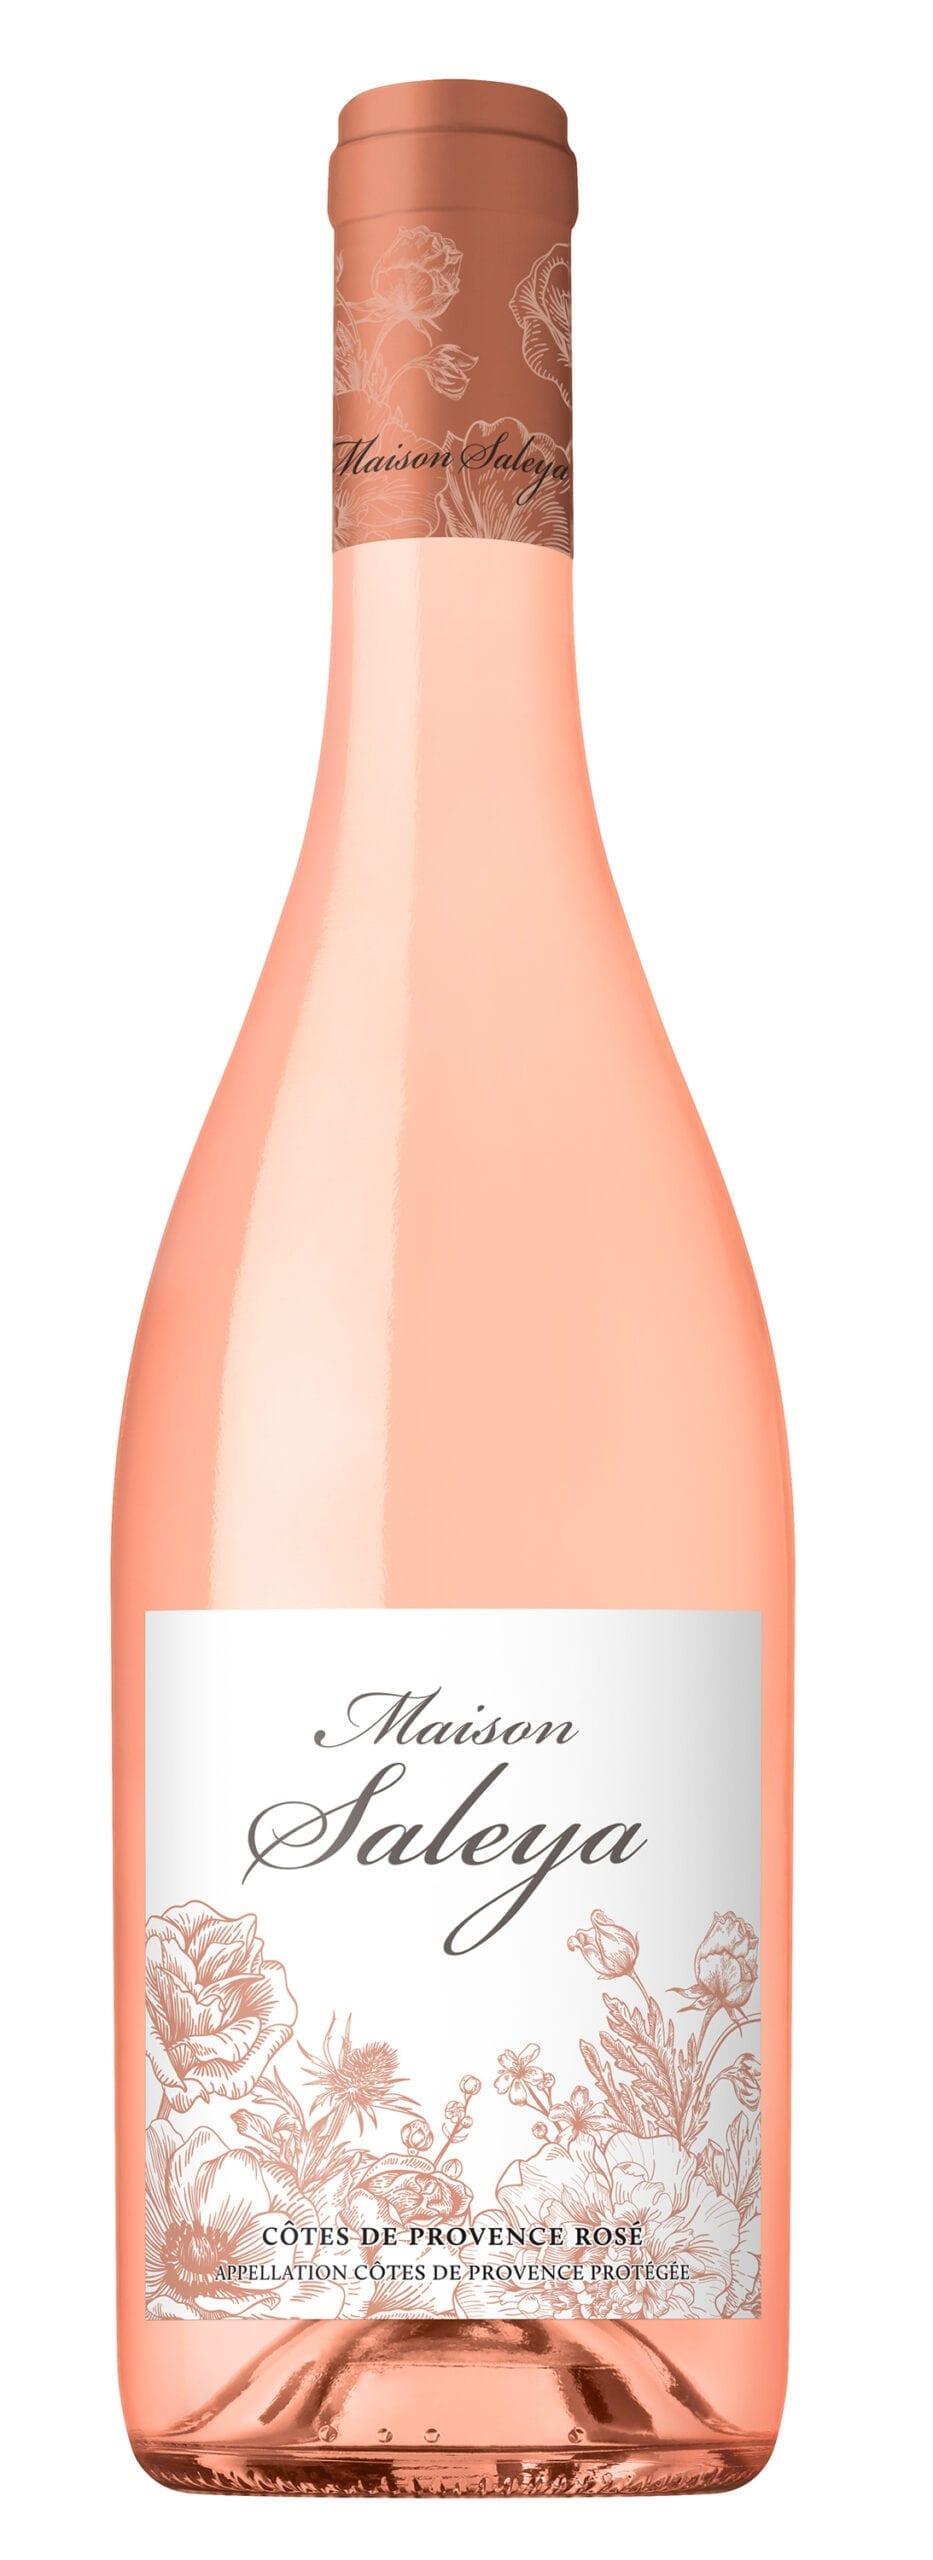 wine bottle, Maison Saleya Provence Rose